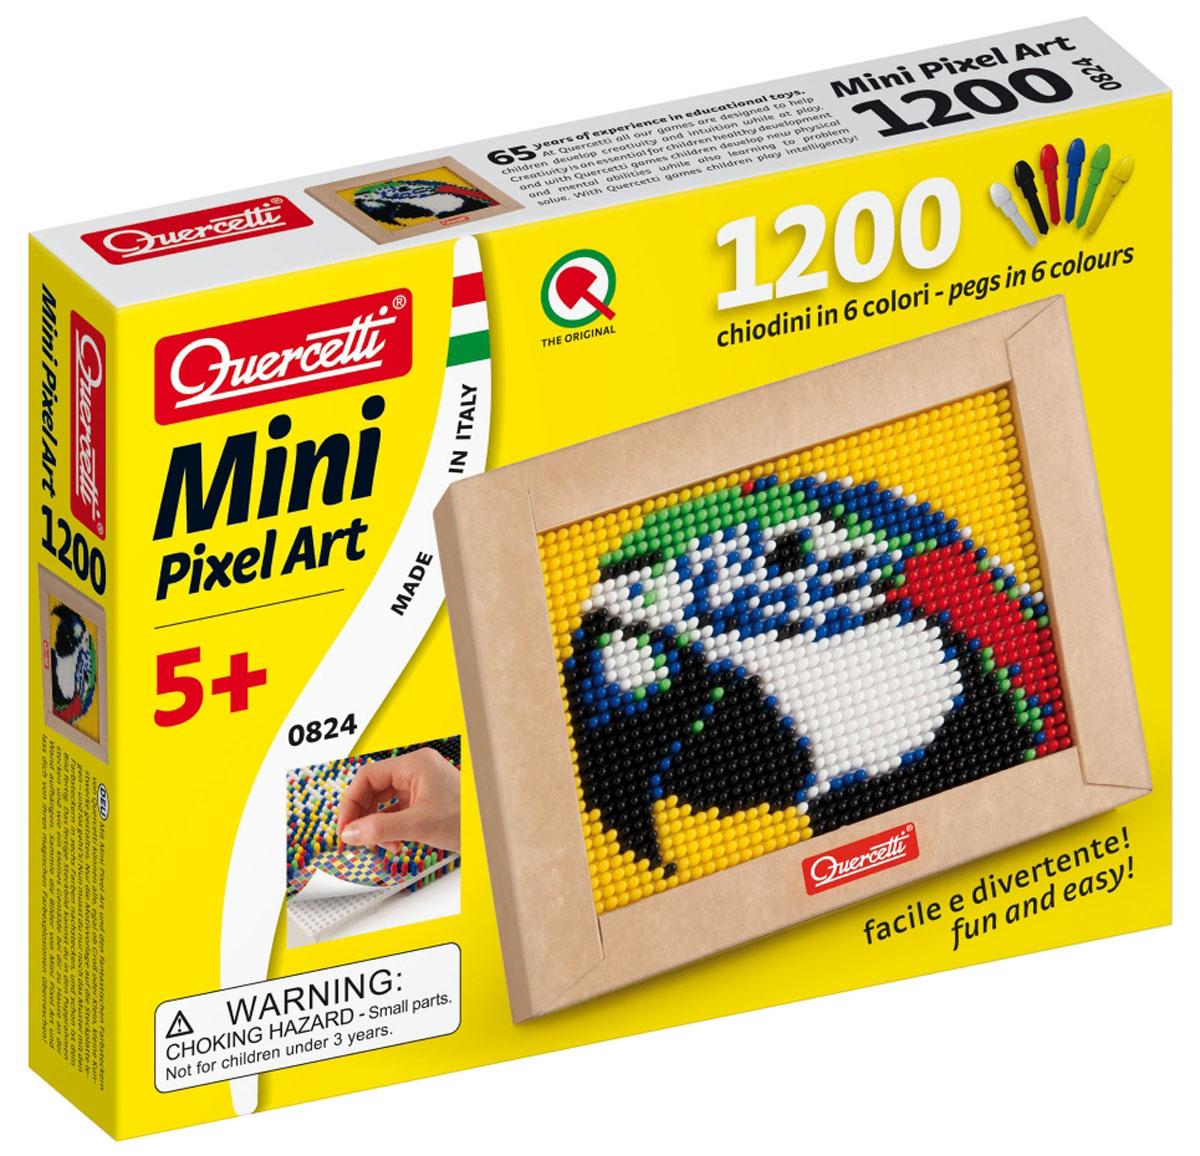 Quercetti Пиксельная мозаика Попугай824Пиксельная мозаика Quercetti Попугай непременно понравится вашему ребенку. С пиксельной мозаикой ваши дети могут создавать настоящие картины. Набор включает в себя пластиковое игровое поле, картонную рамку, цветную схему и 1200 элементов мозаики 6 цветов (белого, черного, красного, синего, желтого и зеленого). Просто положите цветную схему на рабочее поле и начинайте втыкать гвоздики соответствующего цвета. После заполнения всего поля мозаику можно вставить в картонную рамочку и повесить на стену, как настоящую картину. Собирание мозаики развивает у детей творческие способности, внимание, усидчивость и мелкую моторику. Порадуйте своего ребенка таким замечательным подарком!